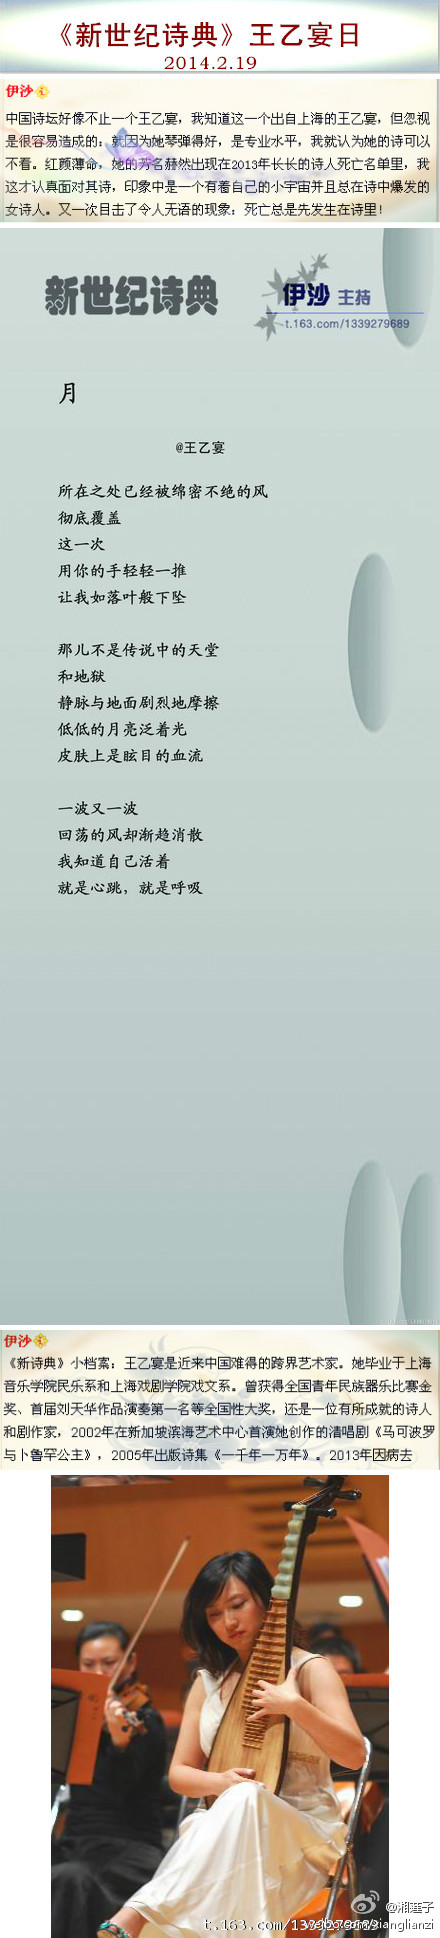 Wang Yiyan